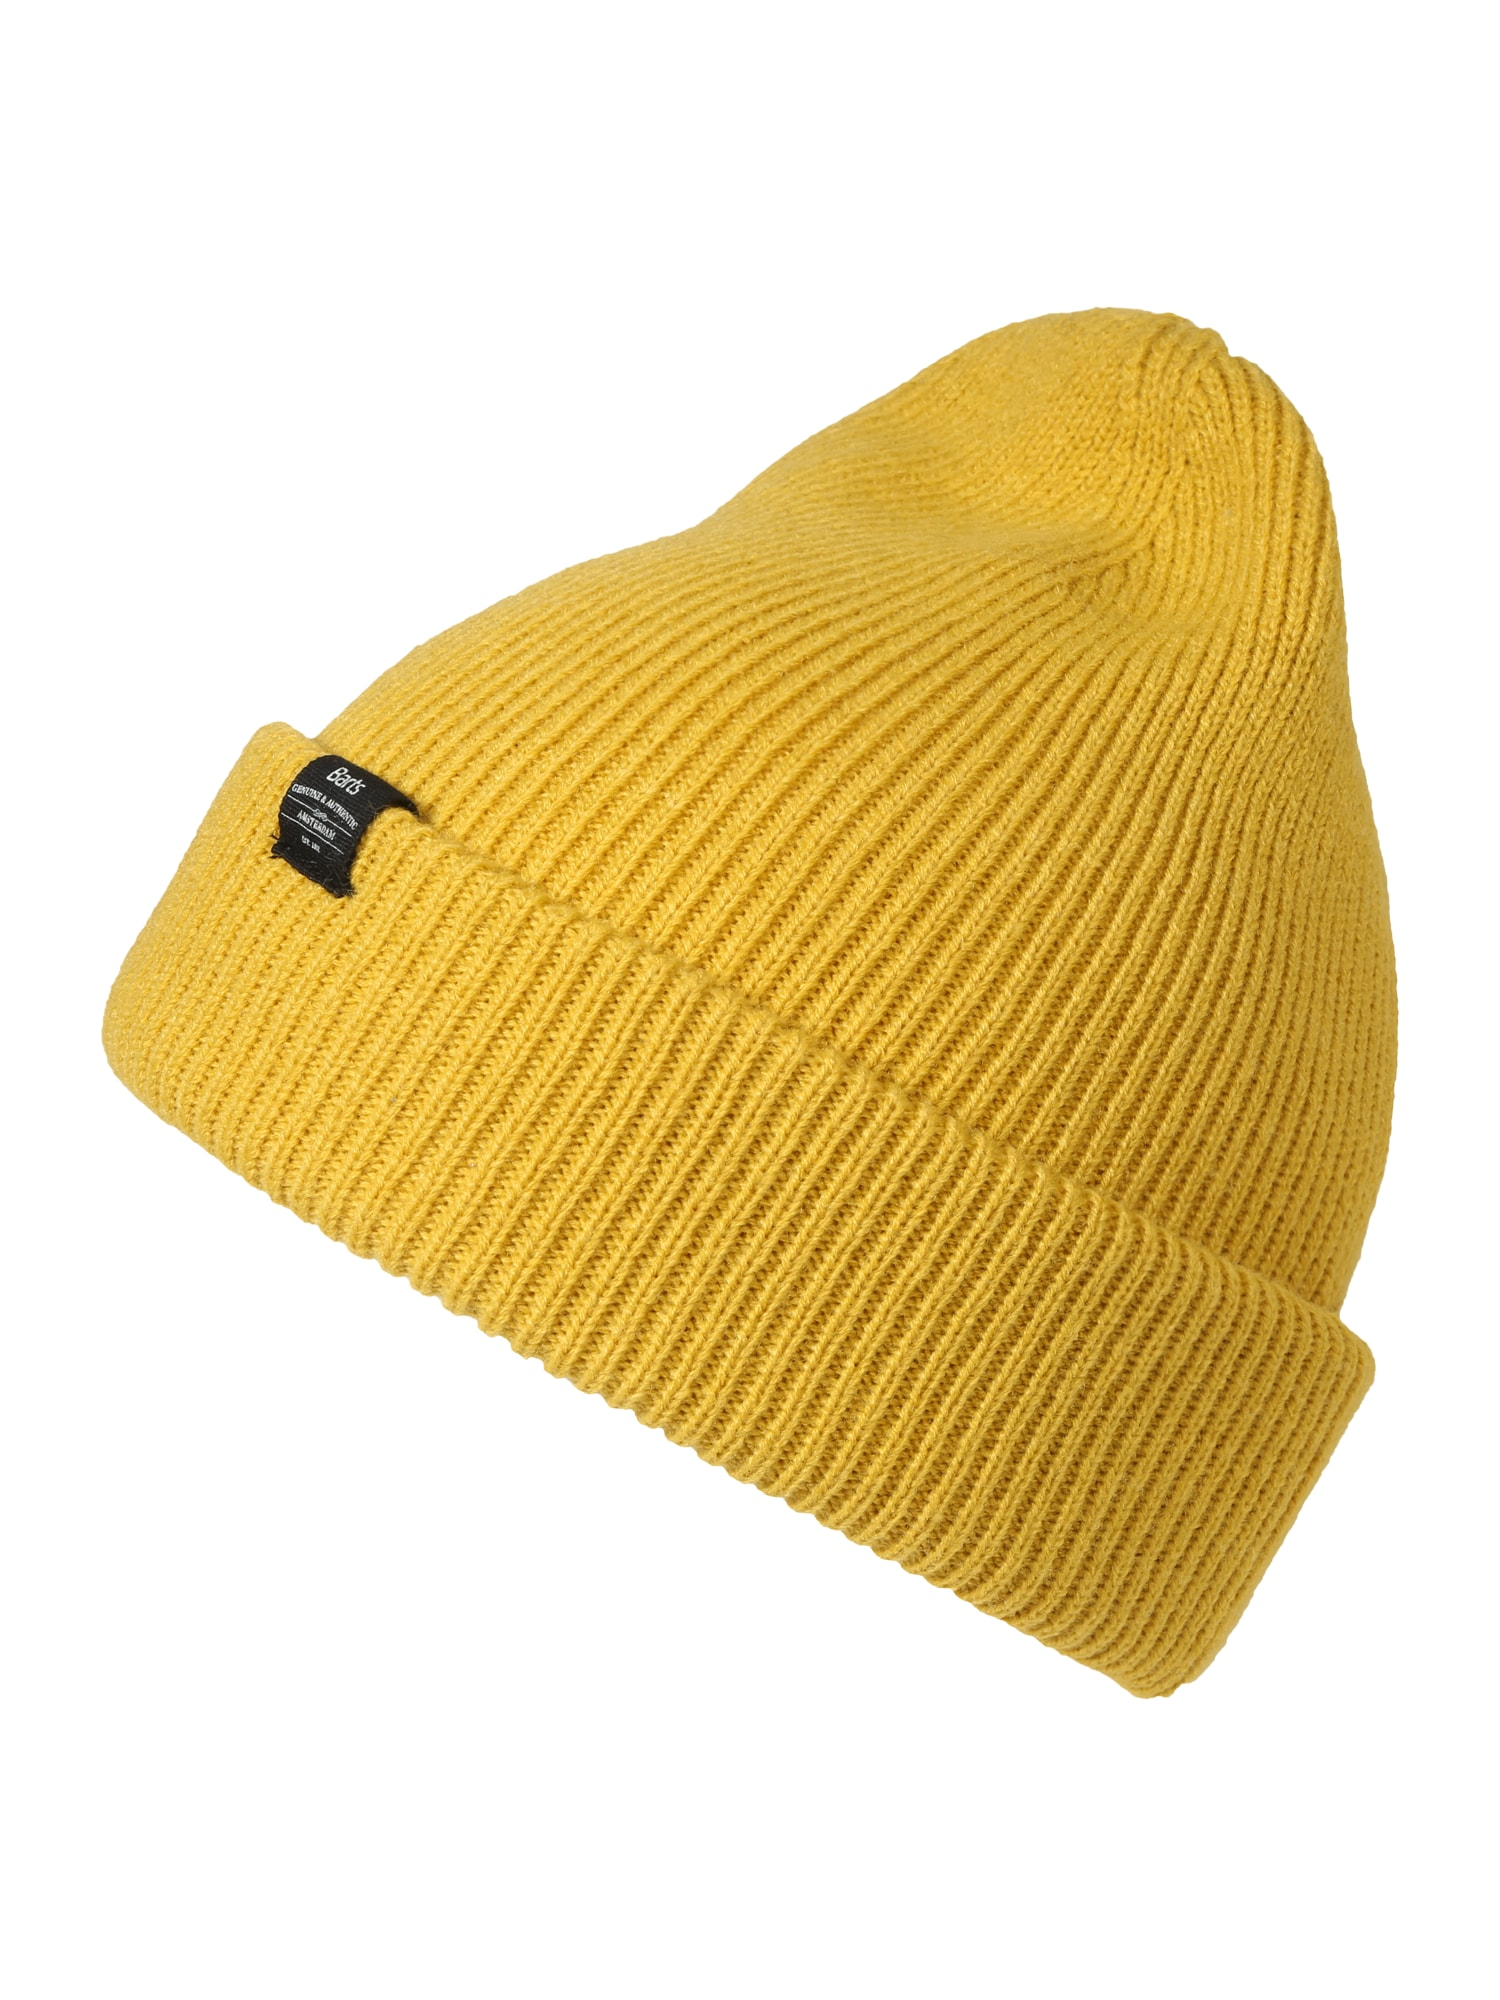 Čepice Kinabalu žlutá Barts